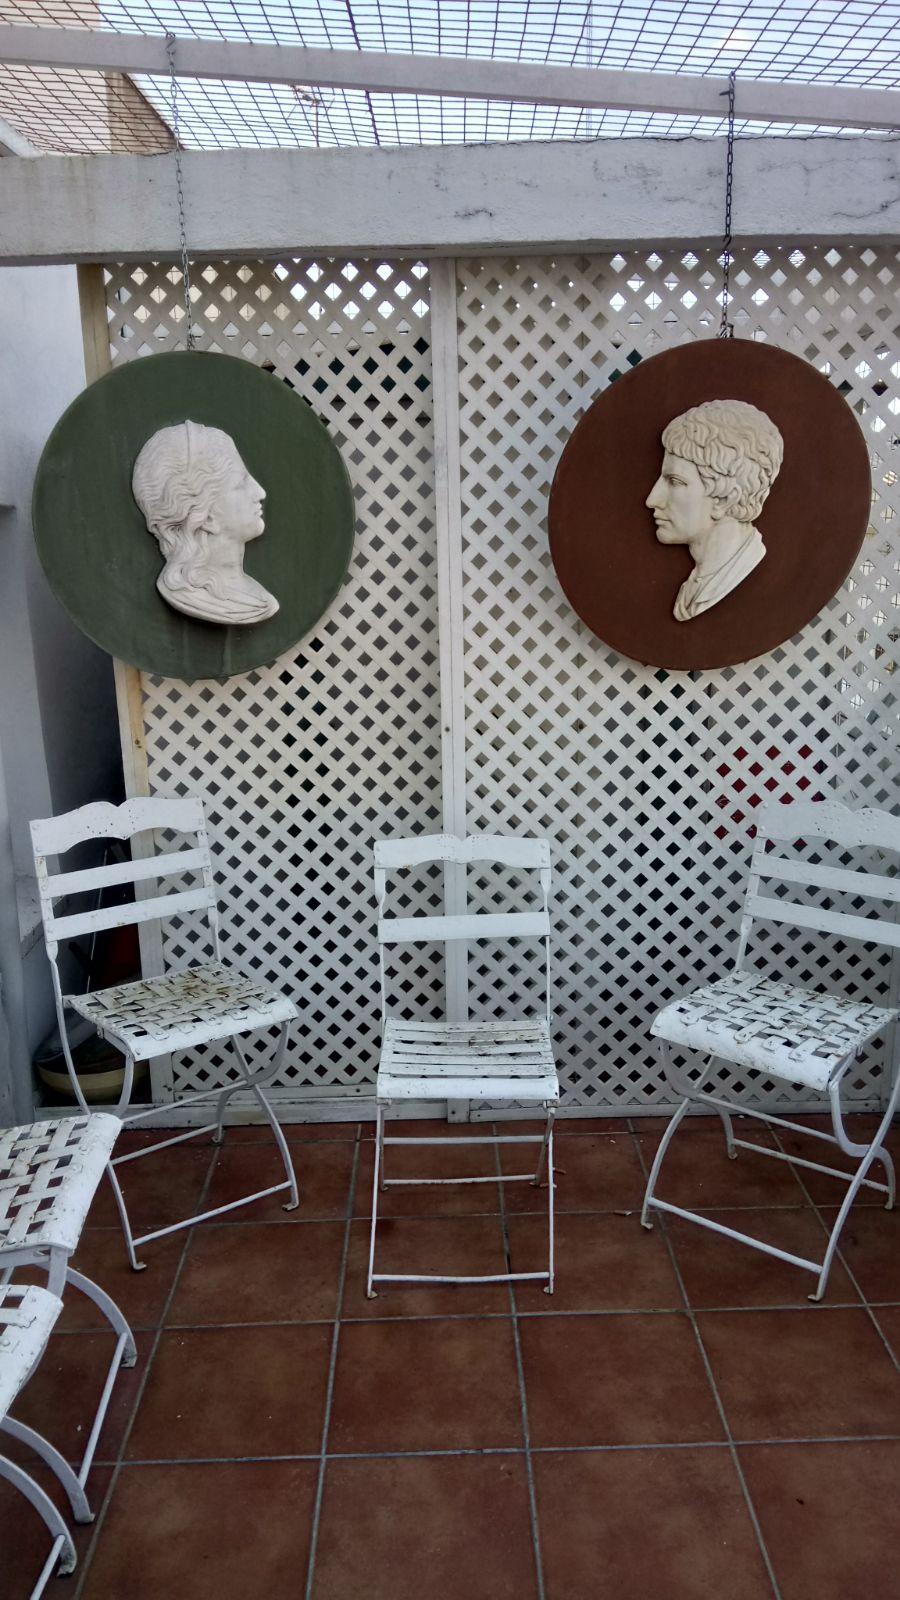 Foto 62 de Galerías de arte y salas de exposiciones en Cartagena | Arte & Antigüedades Federico Robles Perez